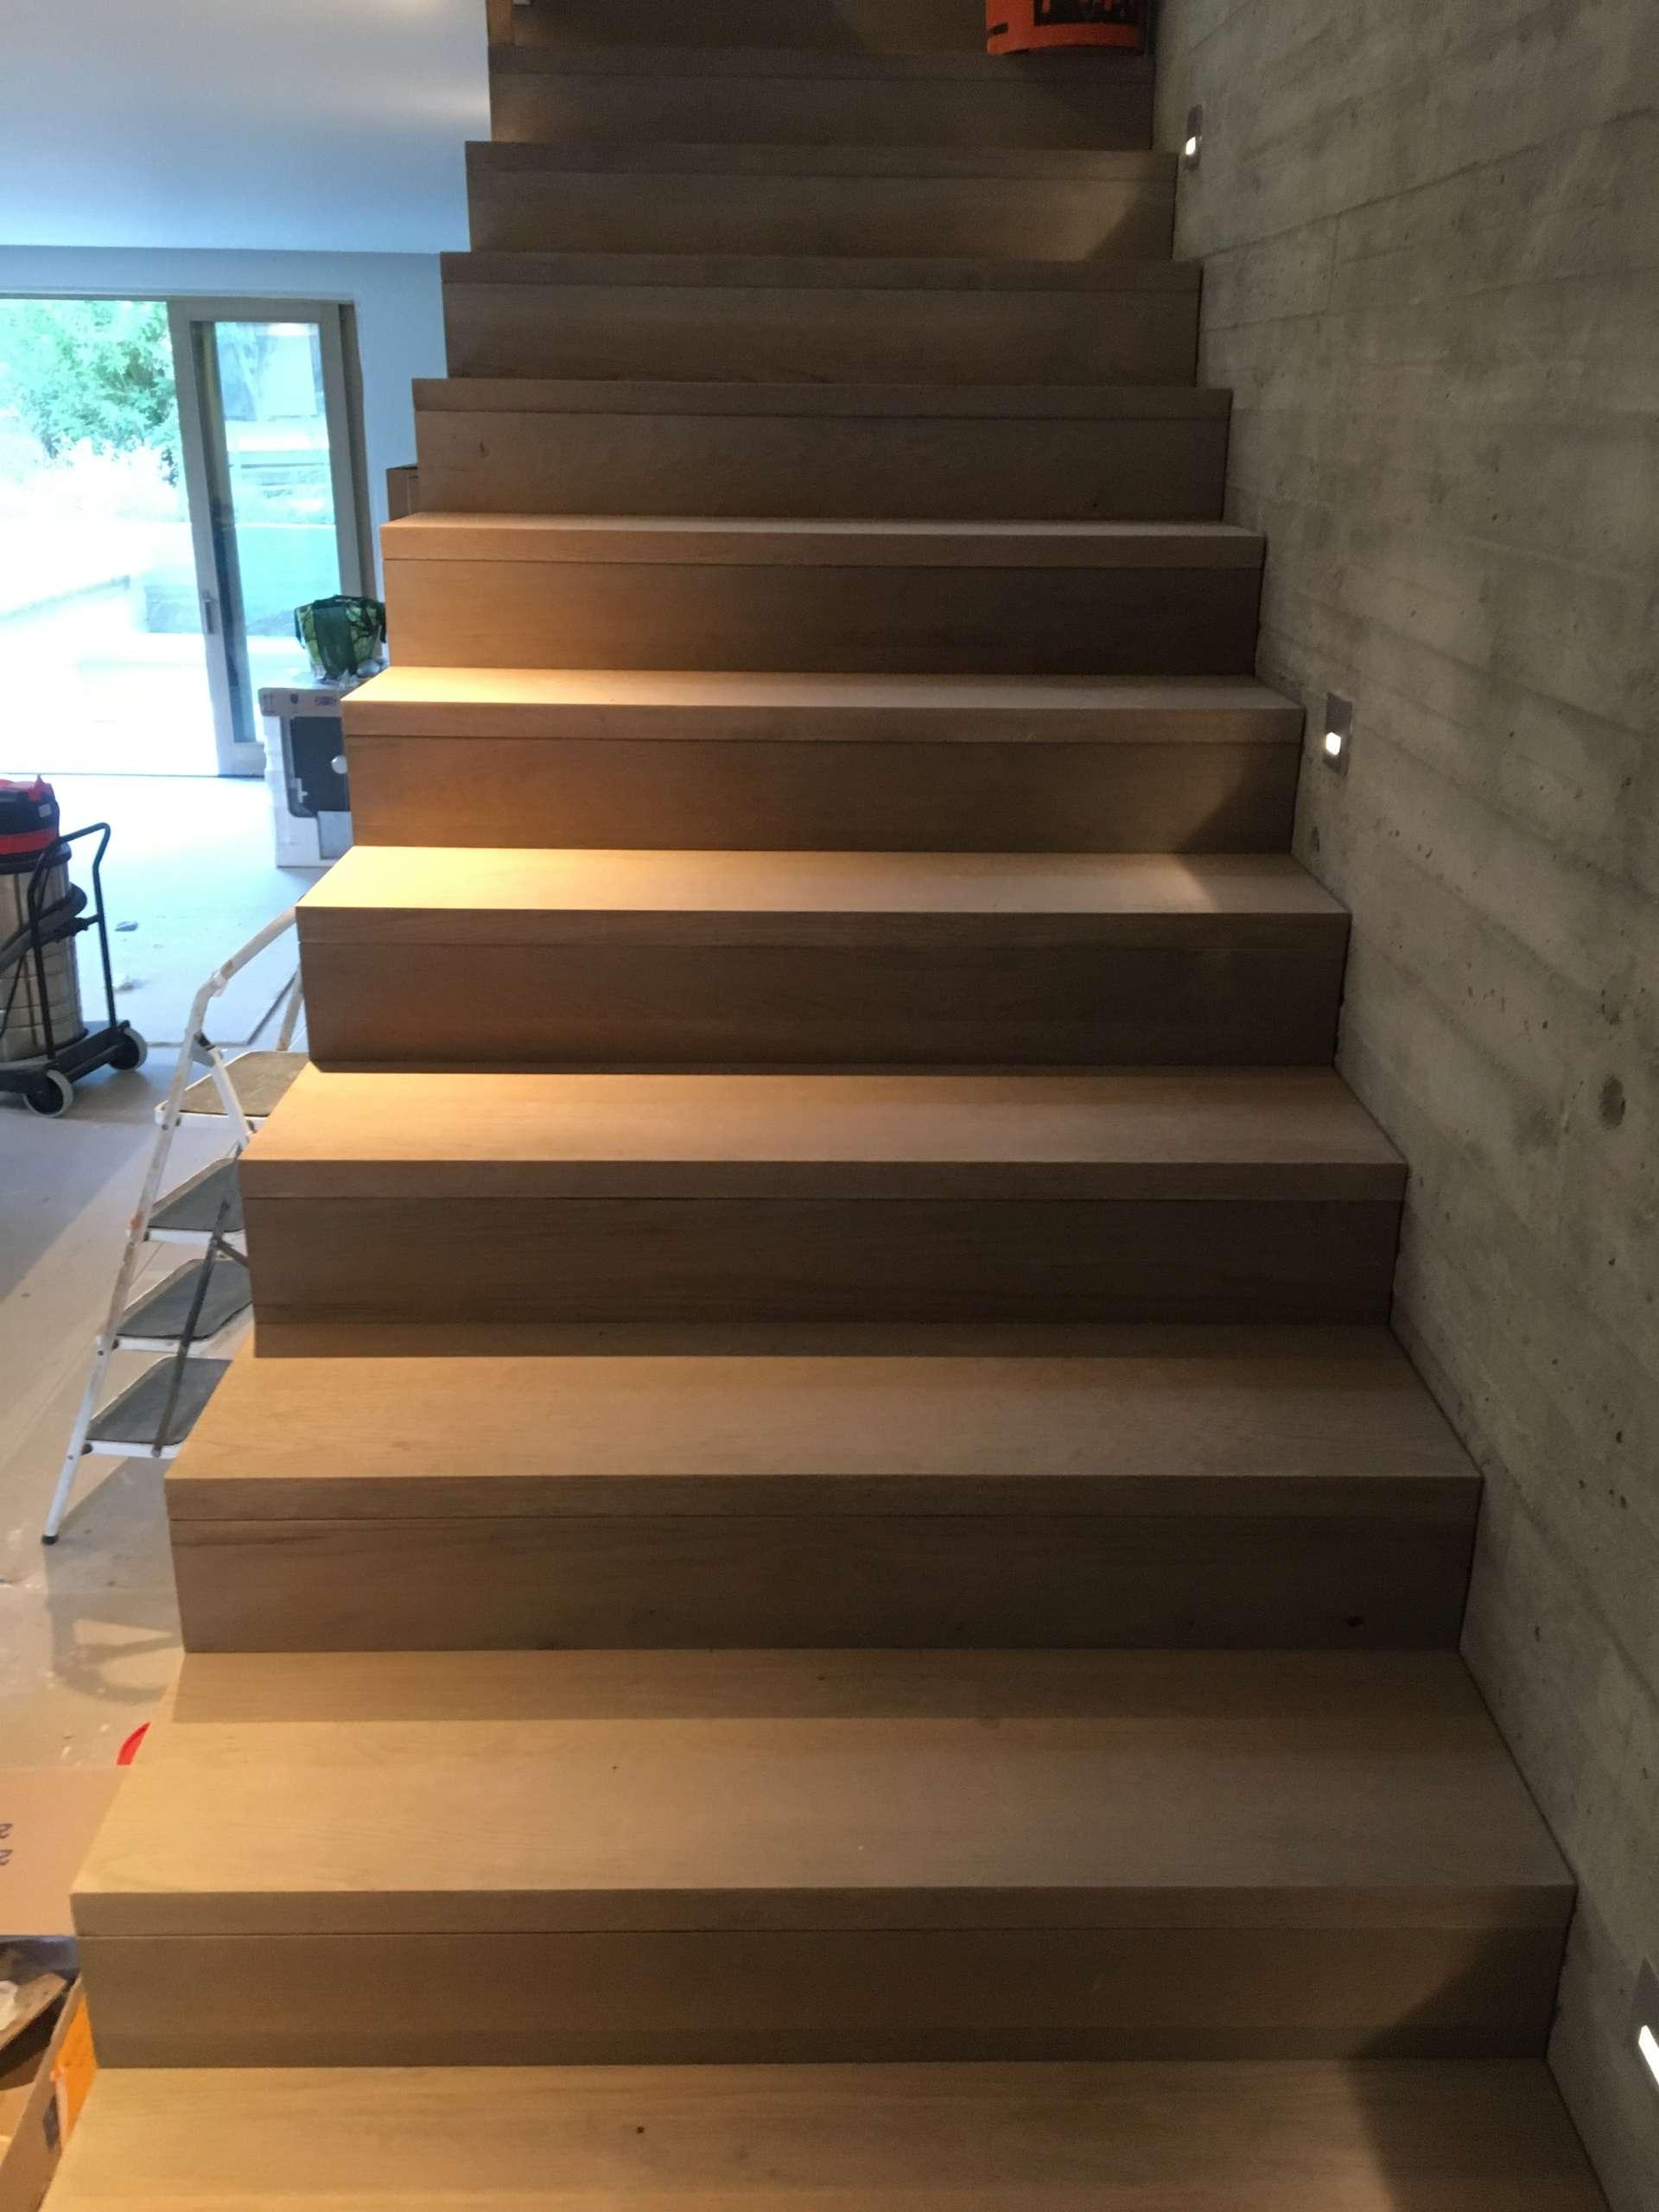 סיום התקנת מדרגות מעץ אלון מלא